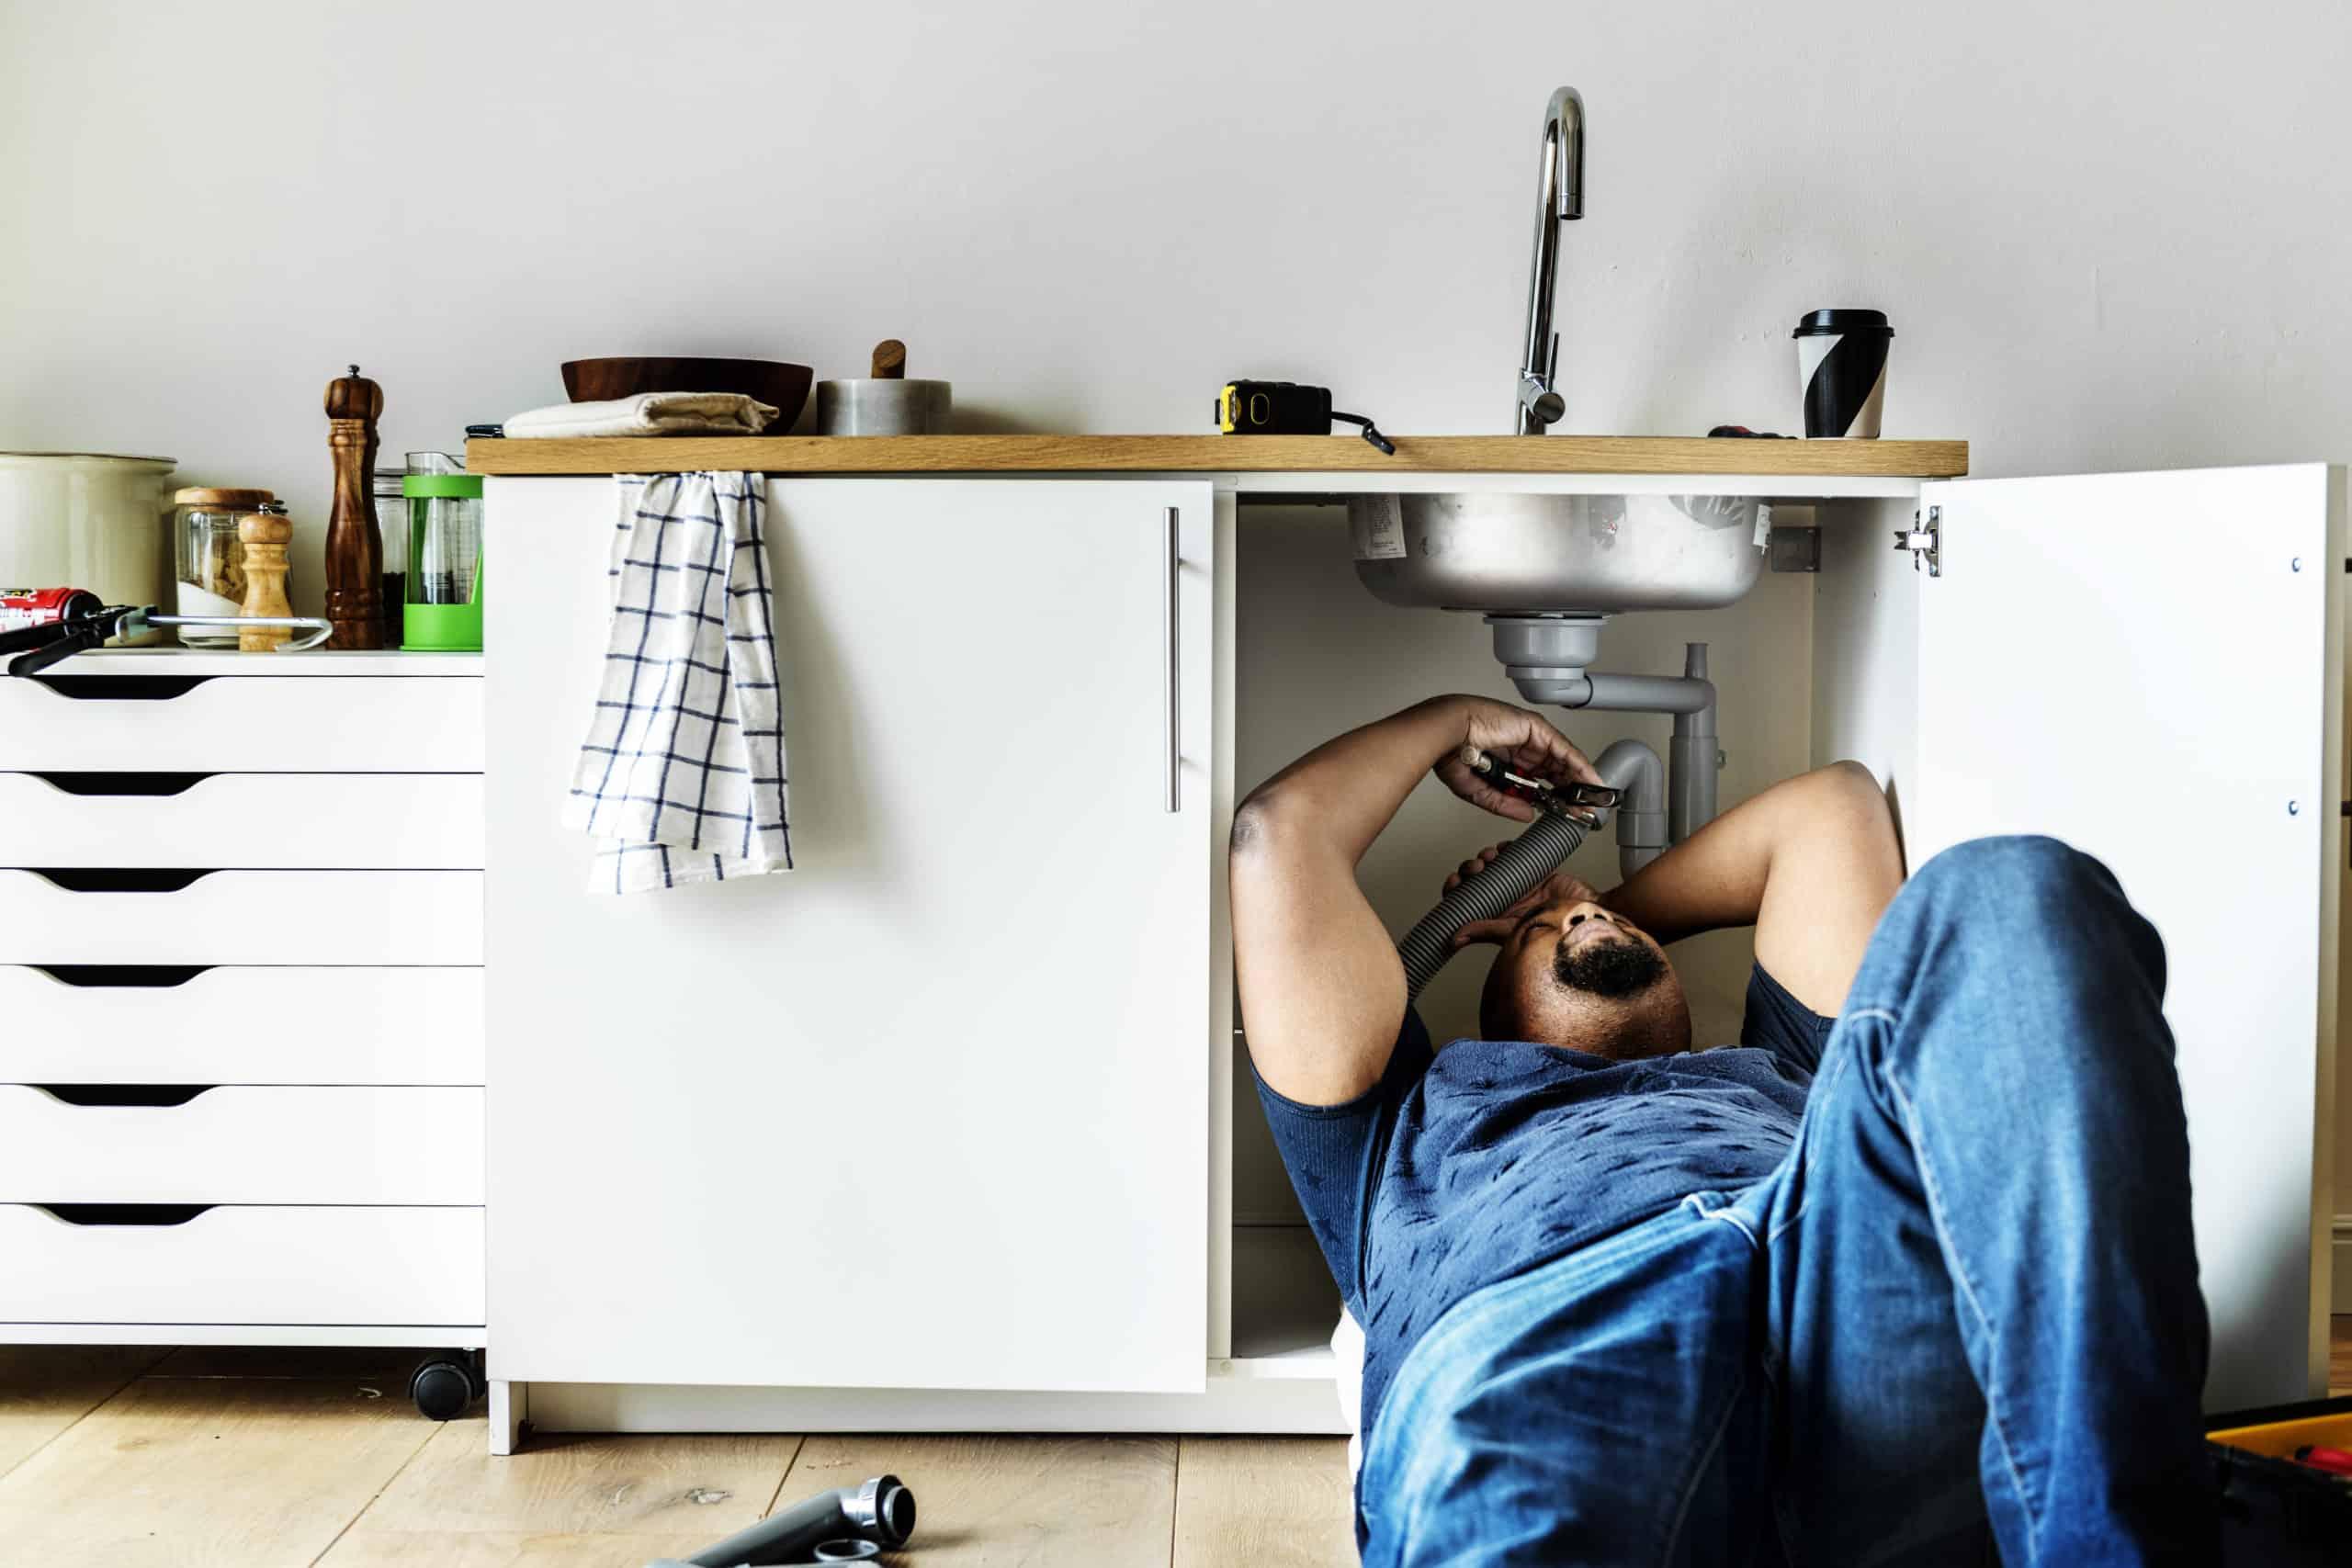 Plumber man fixing kitchen sink